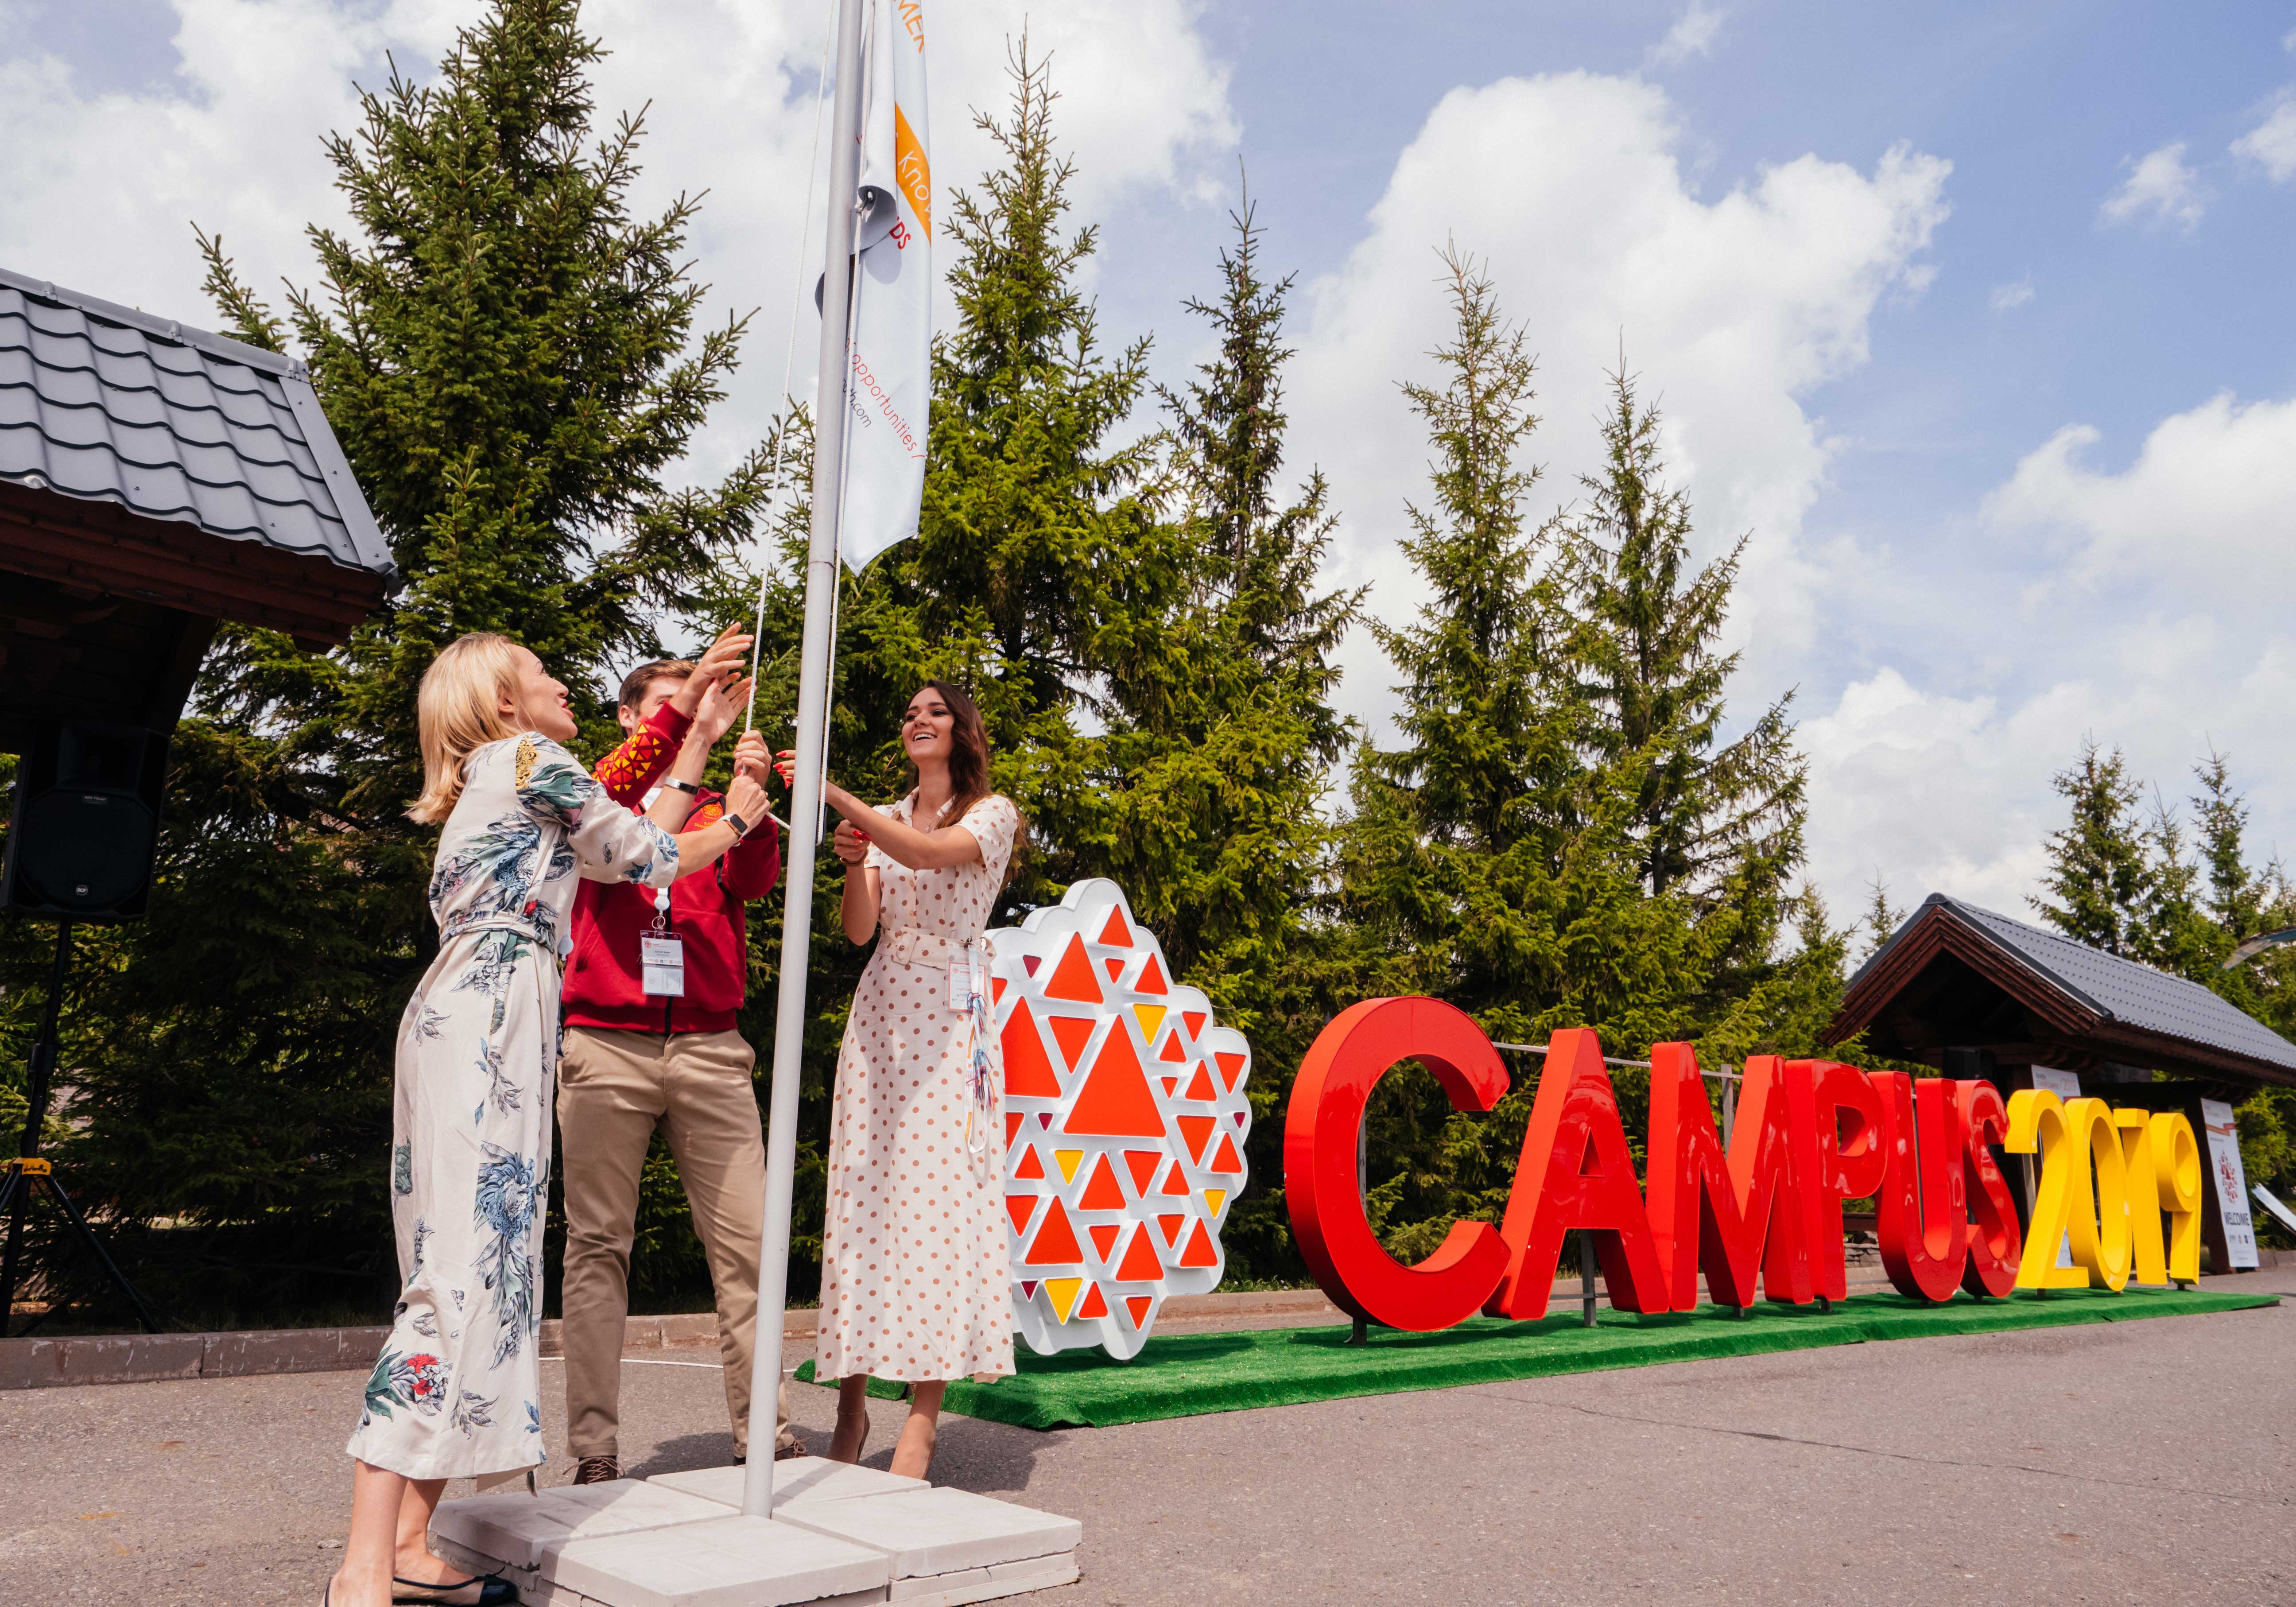 12 июля состоялось официальное торжественное открытие Летнего кампуса Президентской академии. Церемония была разделена на две части – утреннюю и вечернюю, наполненные целым рядом сюрпризов.